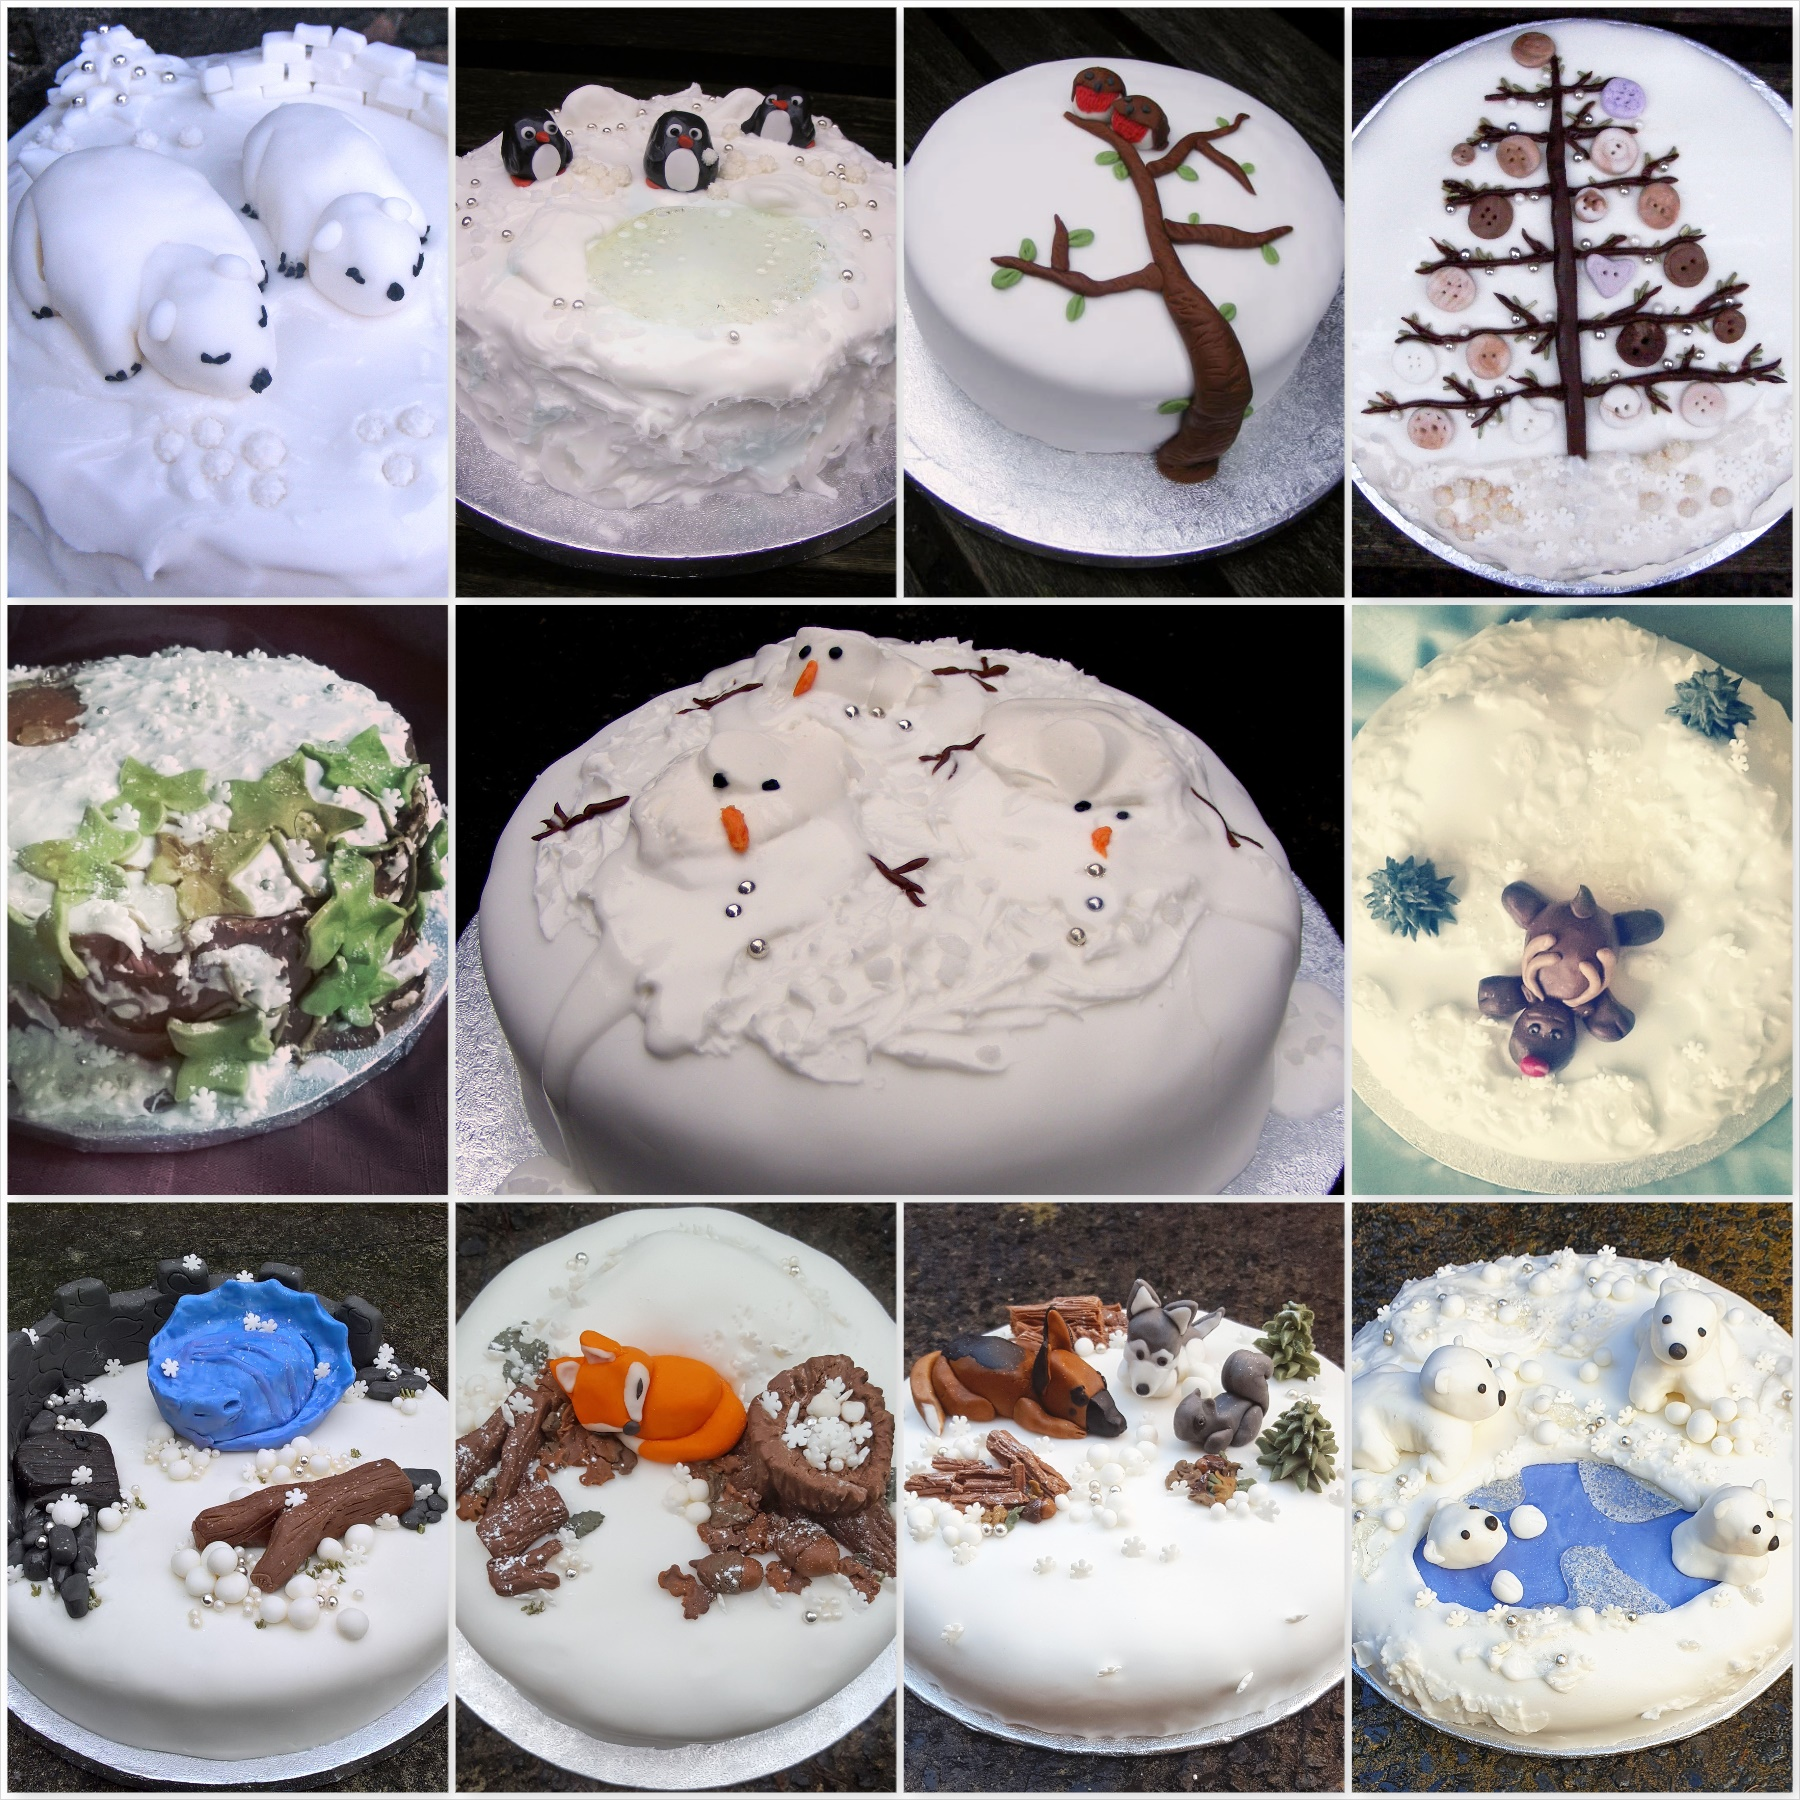 2009 - 2019 ten years of Christmas Cakes - the last krystallos